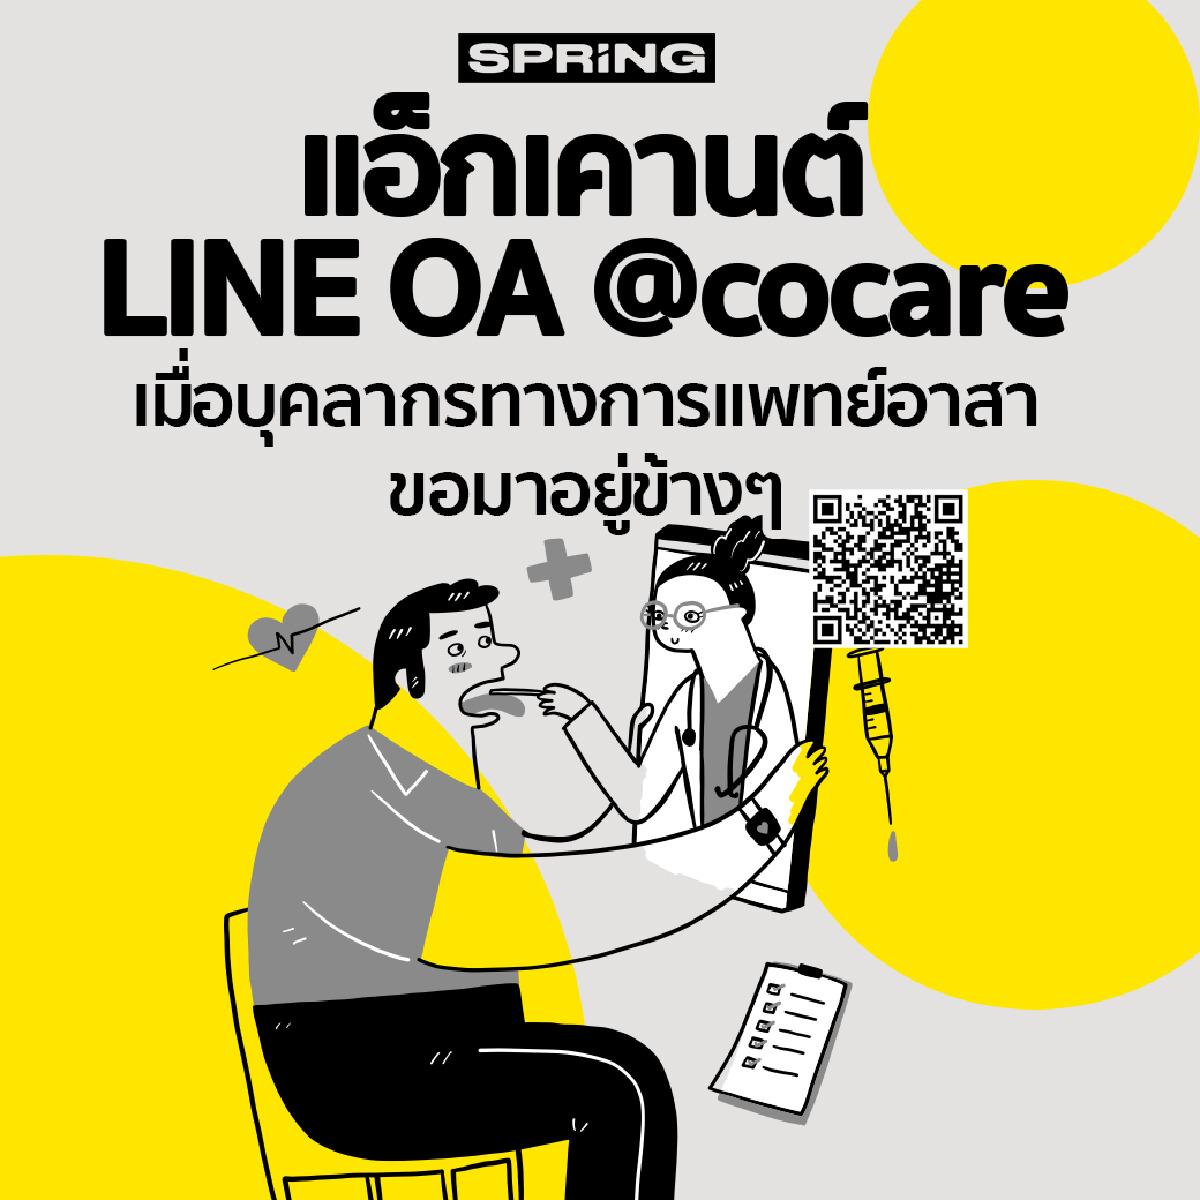 cocare